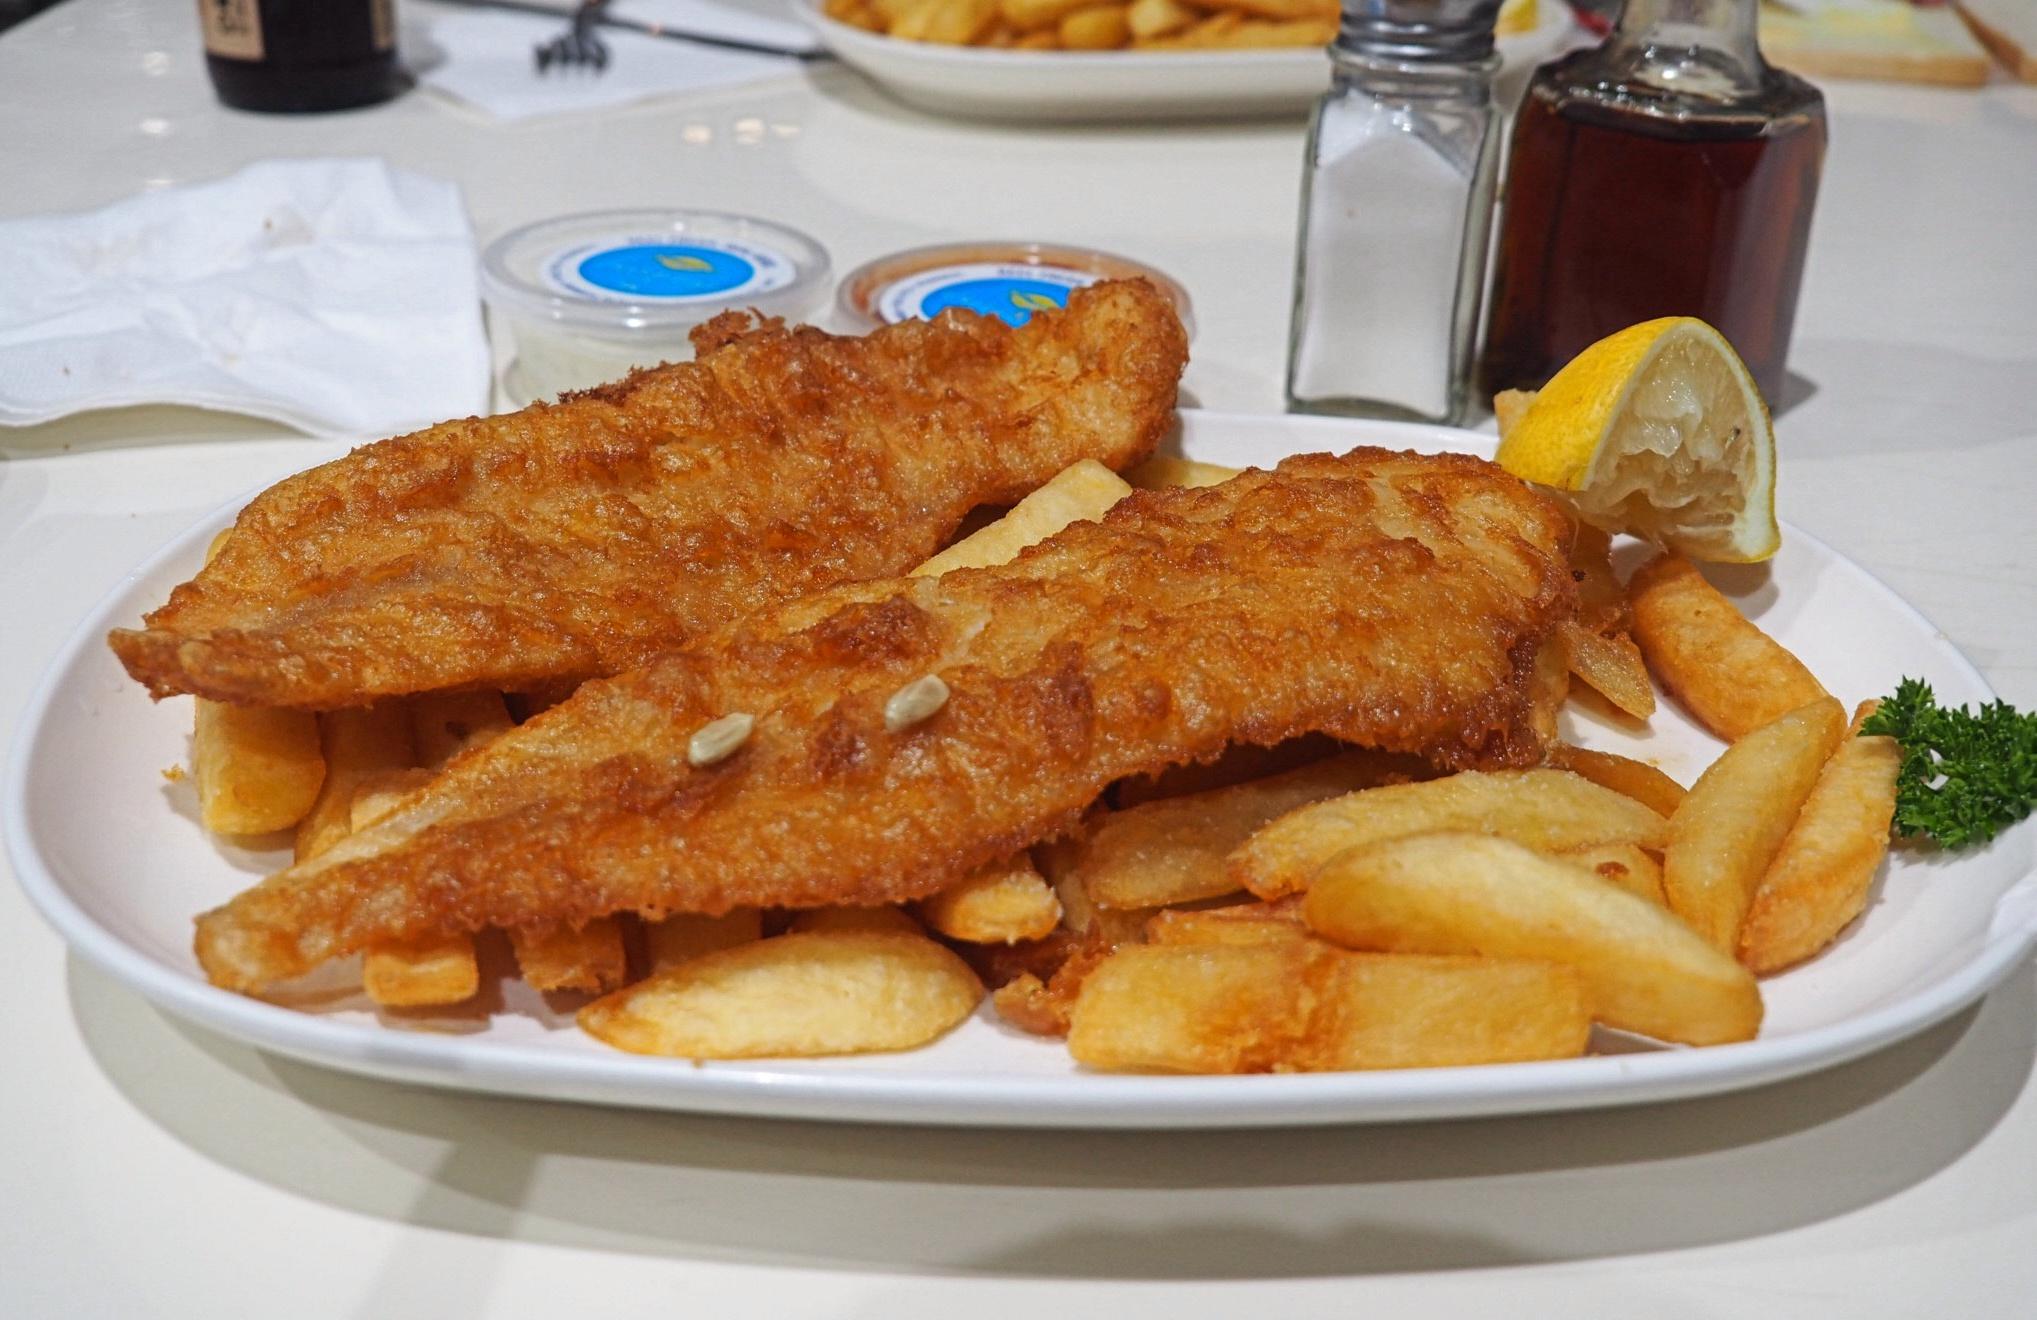 Fish and chips at Sweet Lips Fish Bar